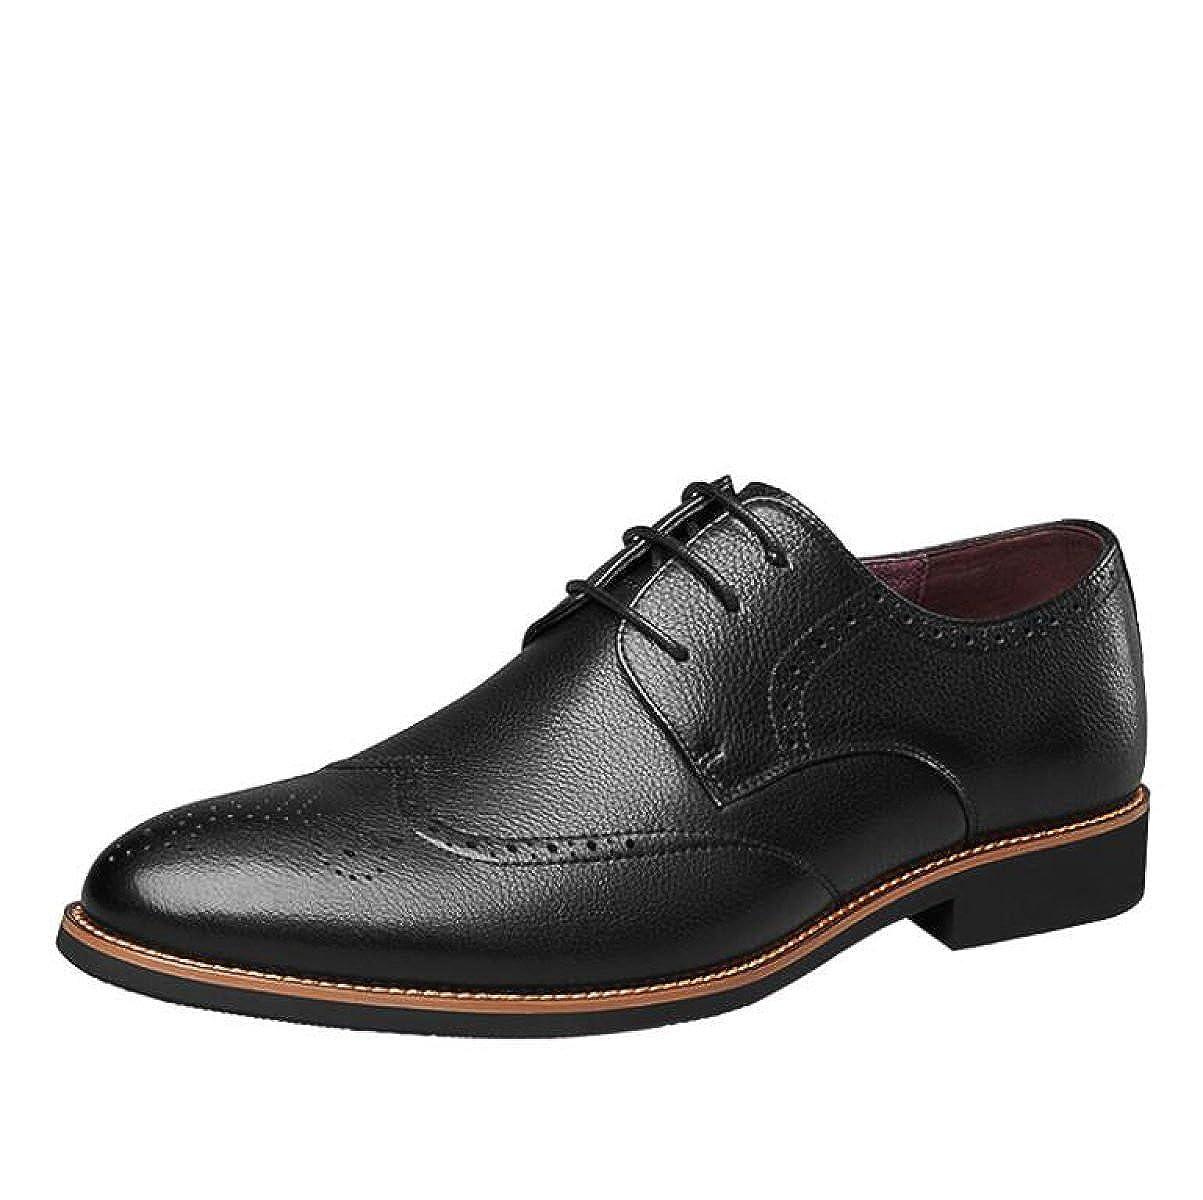 MUYII Herren Oxfords Leder Kleid Schuhe Casual Modern Classic Lace Up Herren Bequeme Schuhe Formale Geschäft-Schuhe für Männer